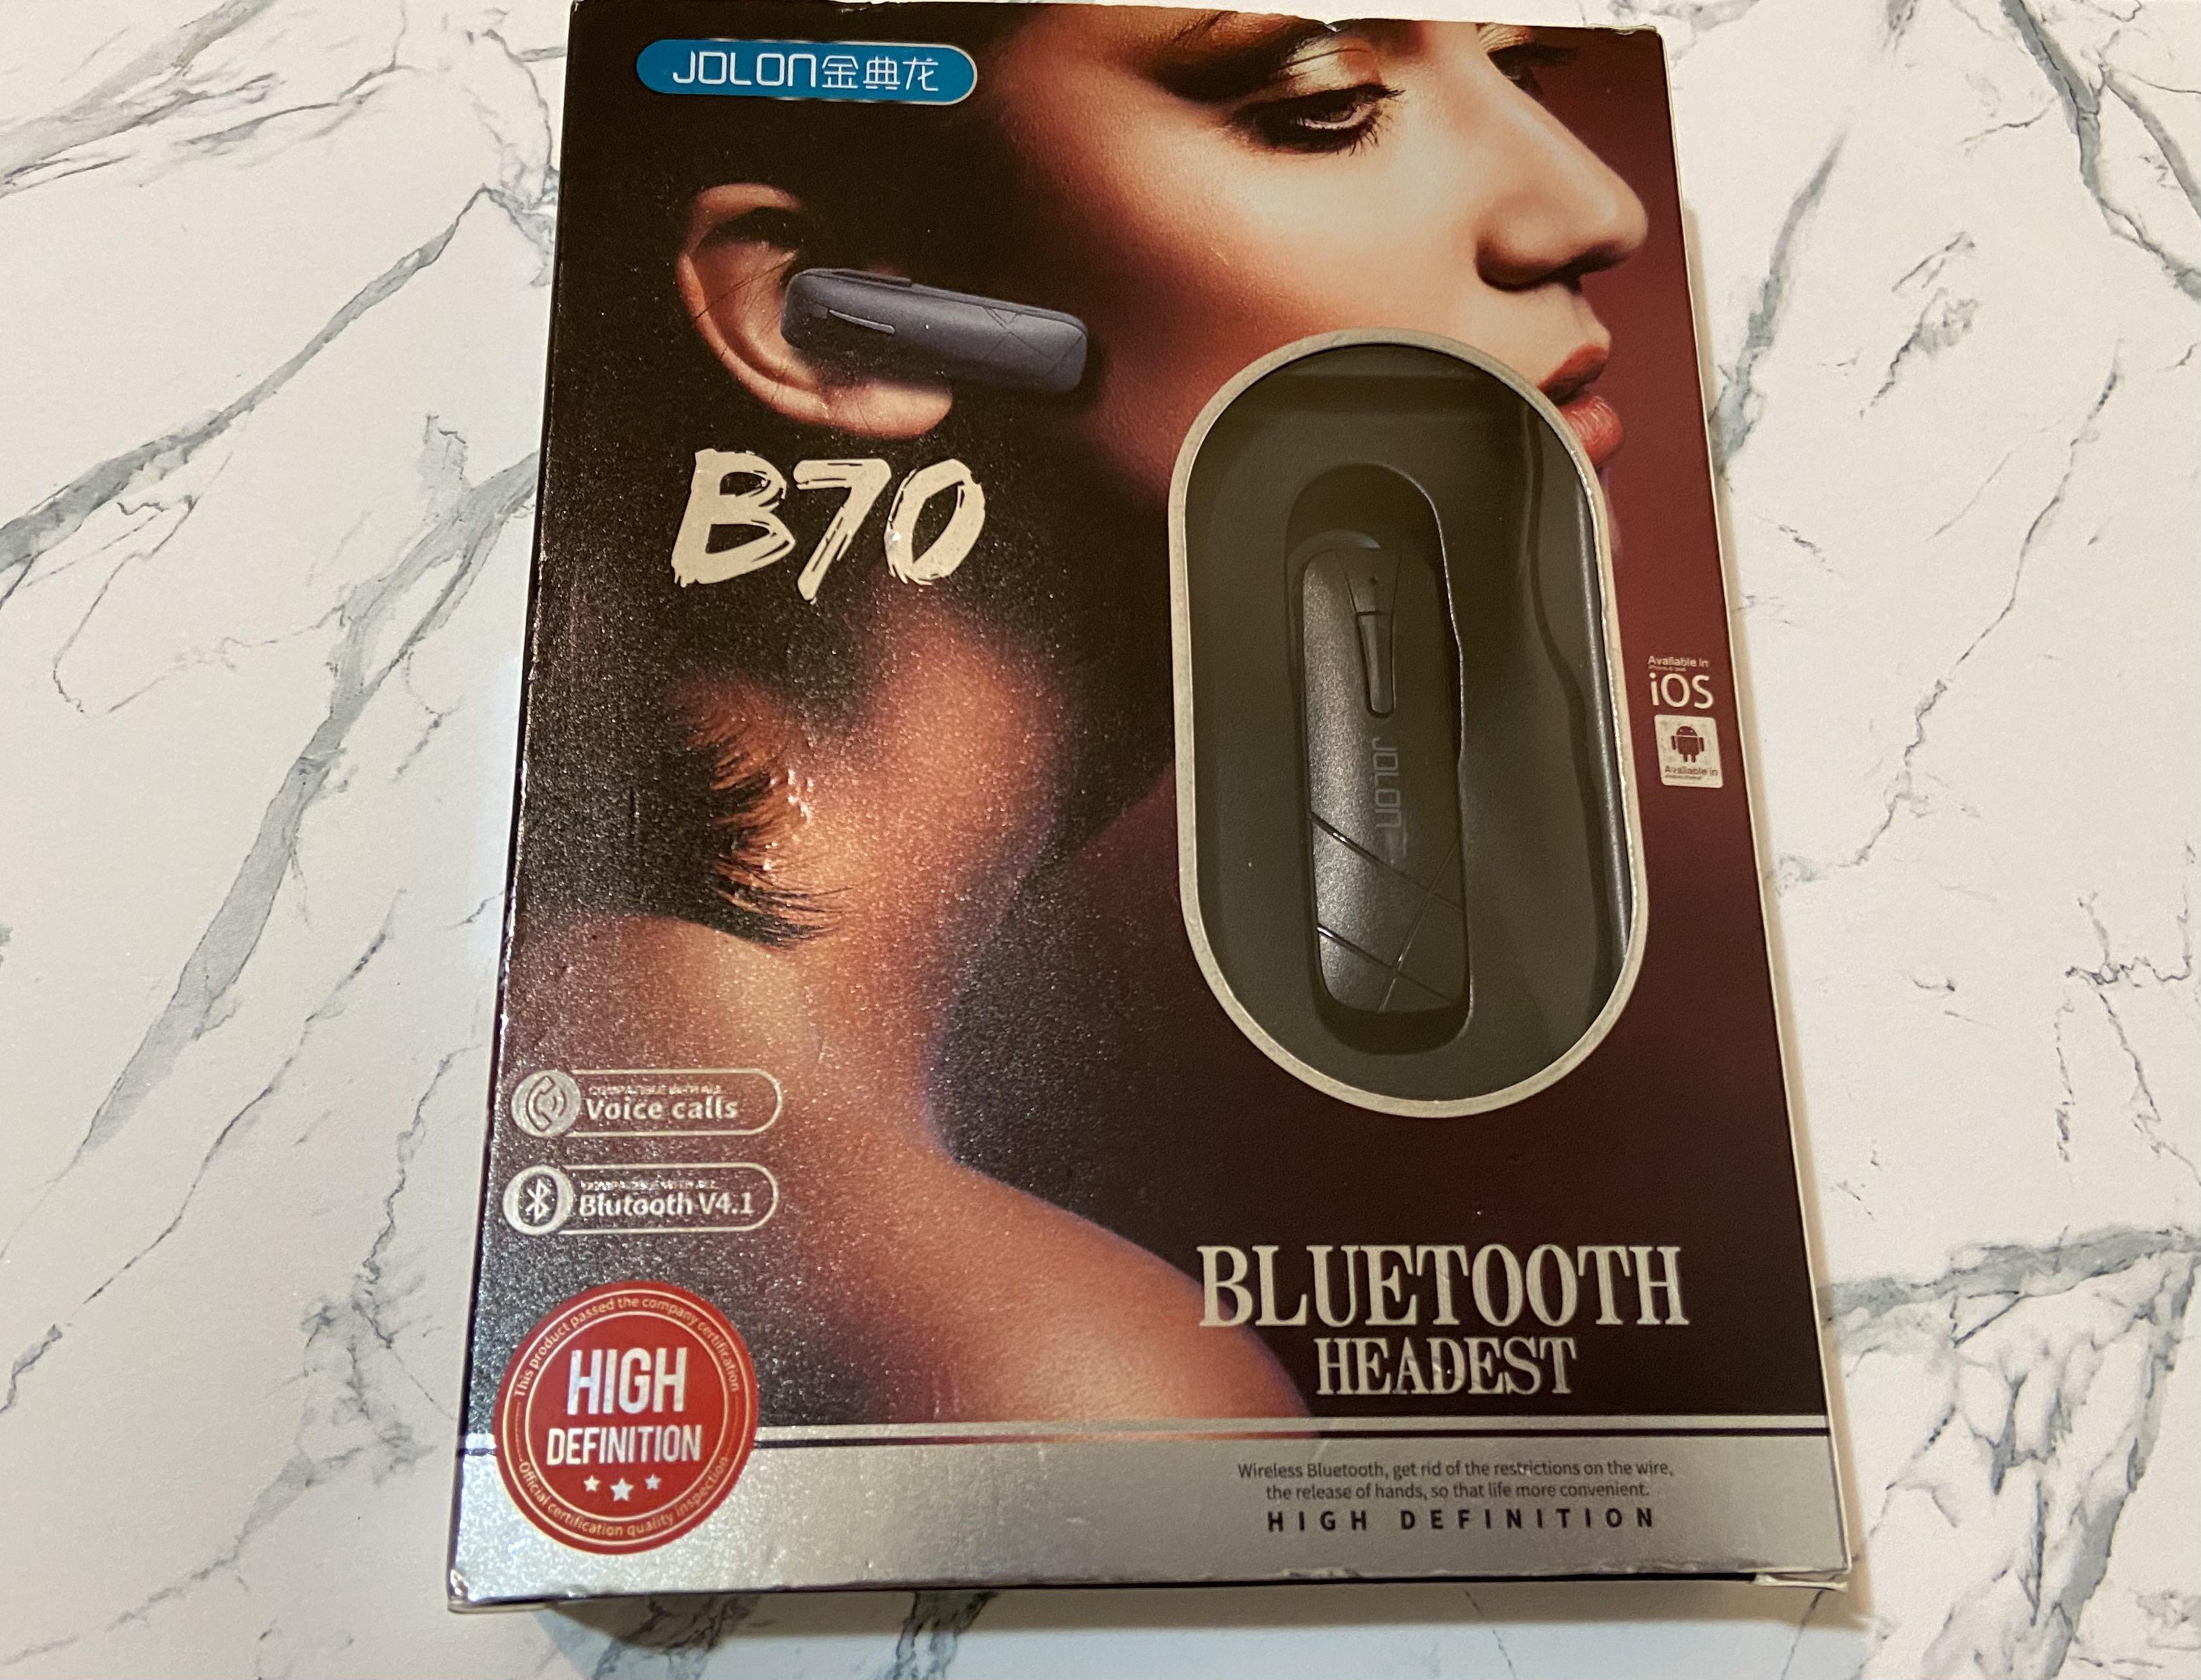 天籟之音 藍芽 耳機 JOLON B70 音質佳 無線耳機 藍芽耳機